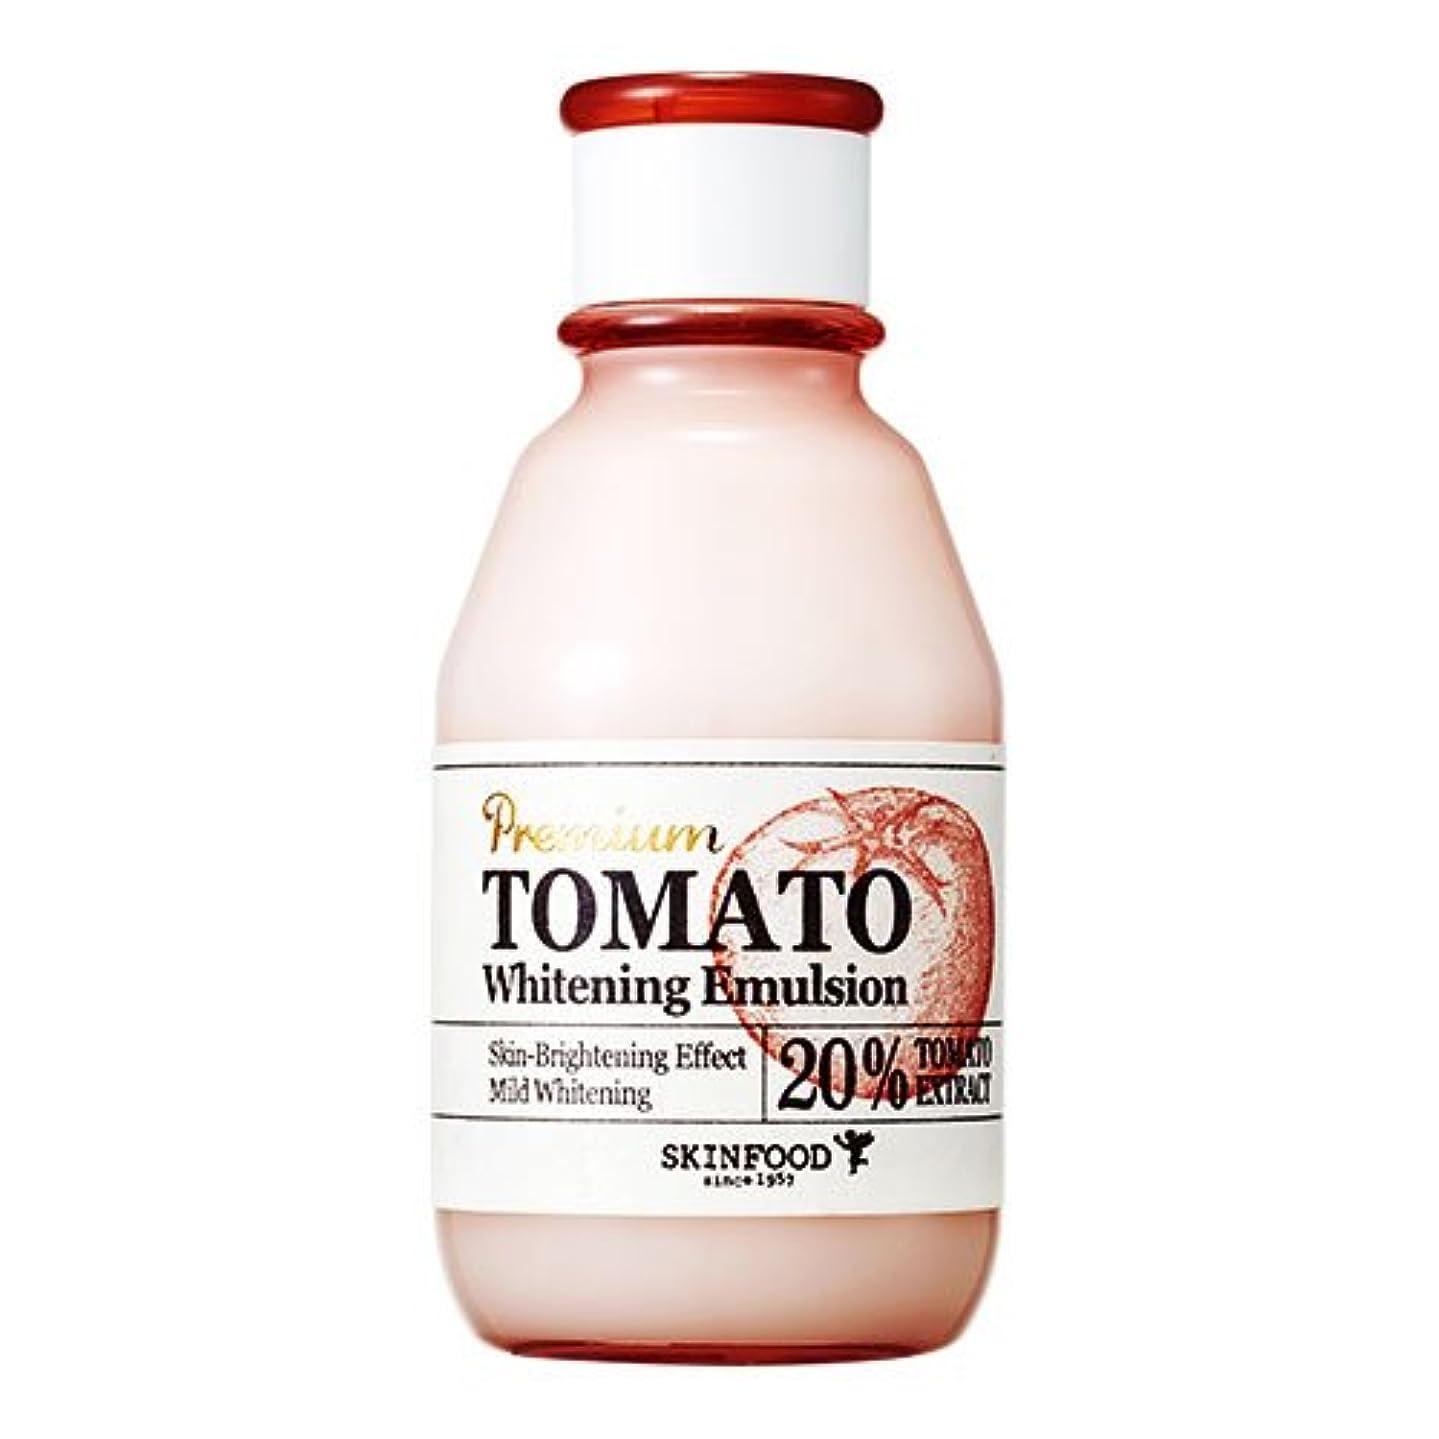 インストラクターヘクタールマルコポーロ[スキンフード] SKINFOOD プレミアムトマトホワイトニングエマルジョン Premium Tomato Whitening Emulsion (海外直送品) [並行輸入品]